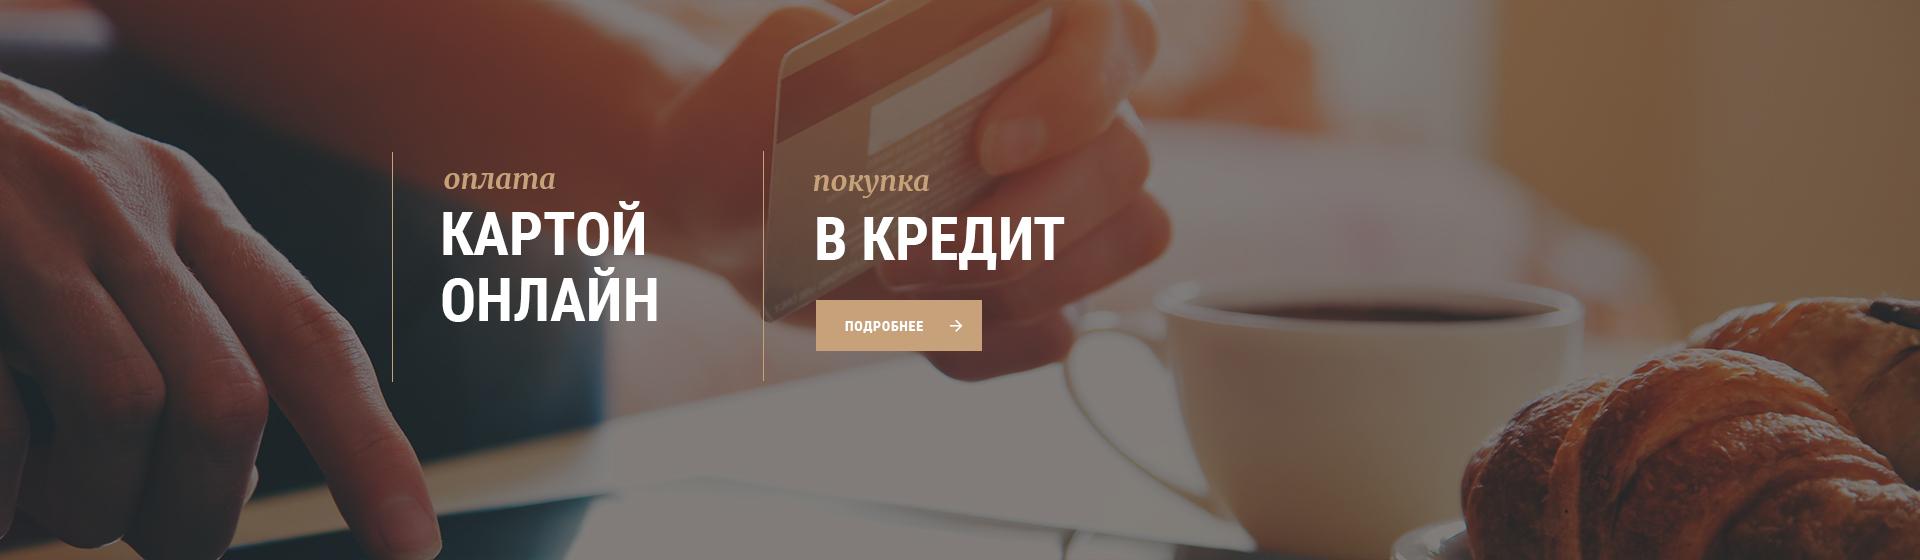 Оплата картой онлайн или в кредит